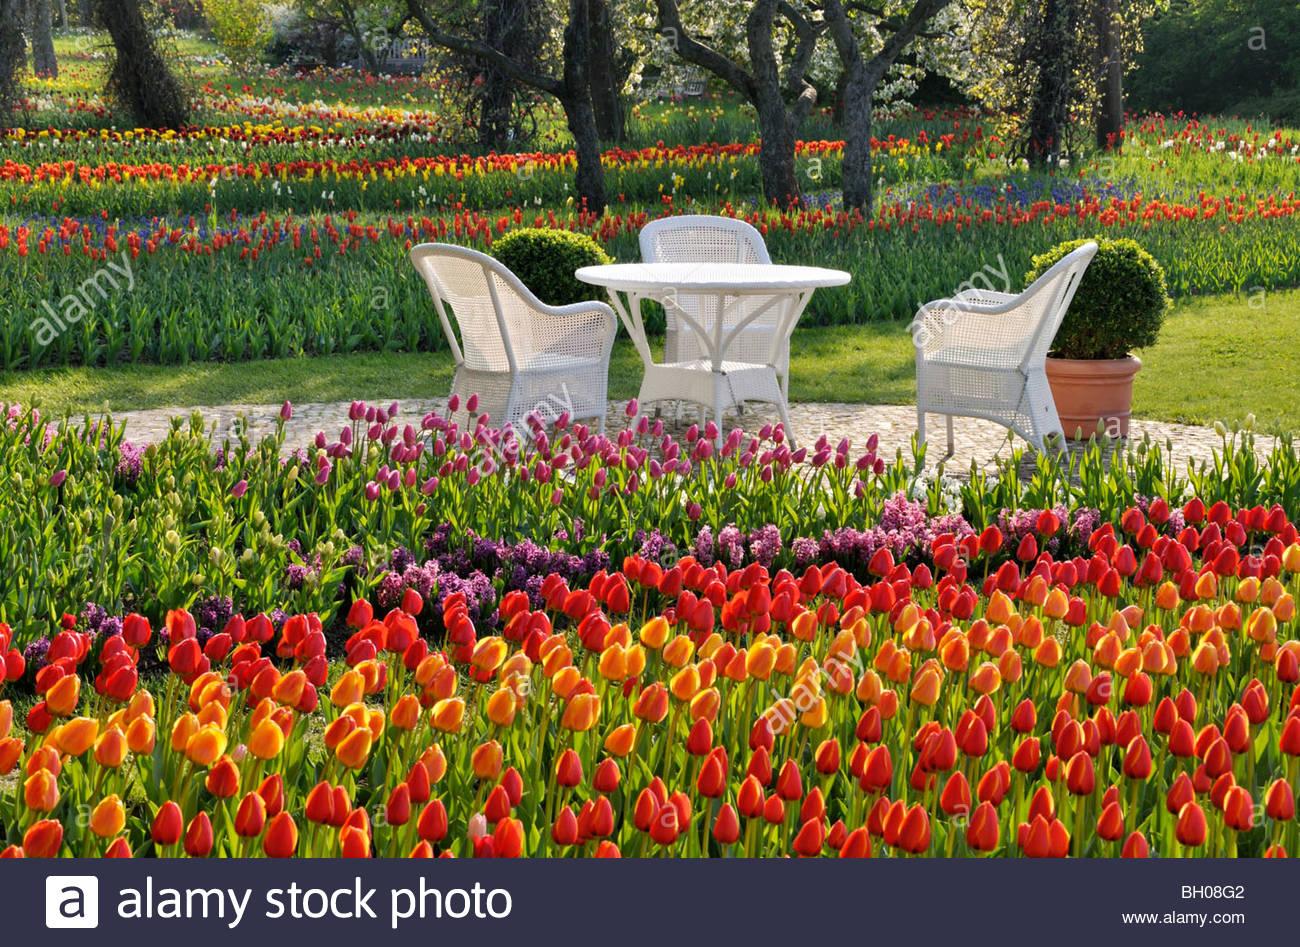 Berlin Britzer Garten Luxus Tulipan Stock S & Tulipan Stock Page 2 Alamy